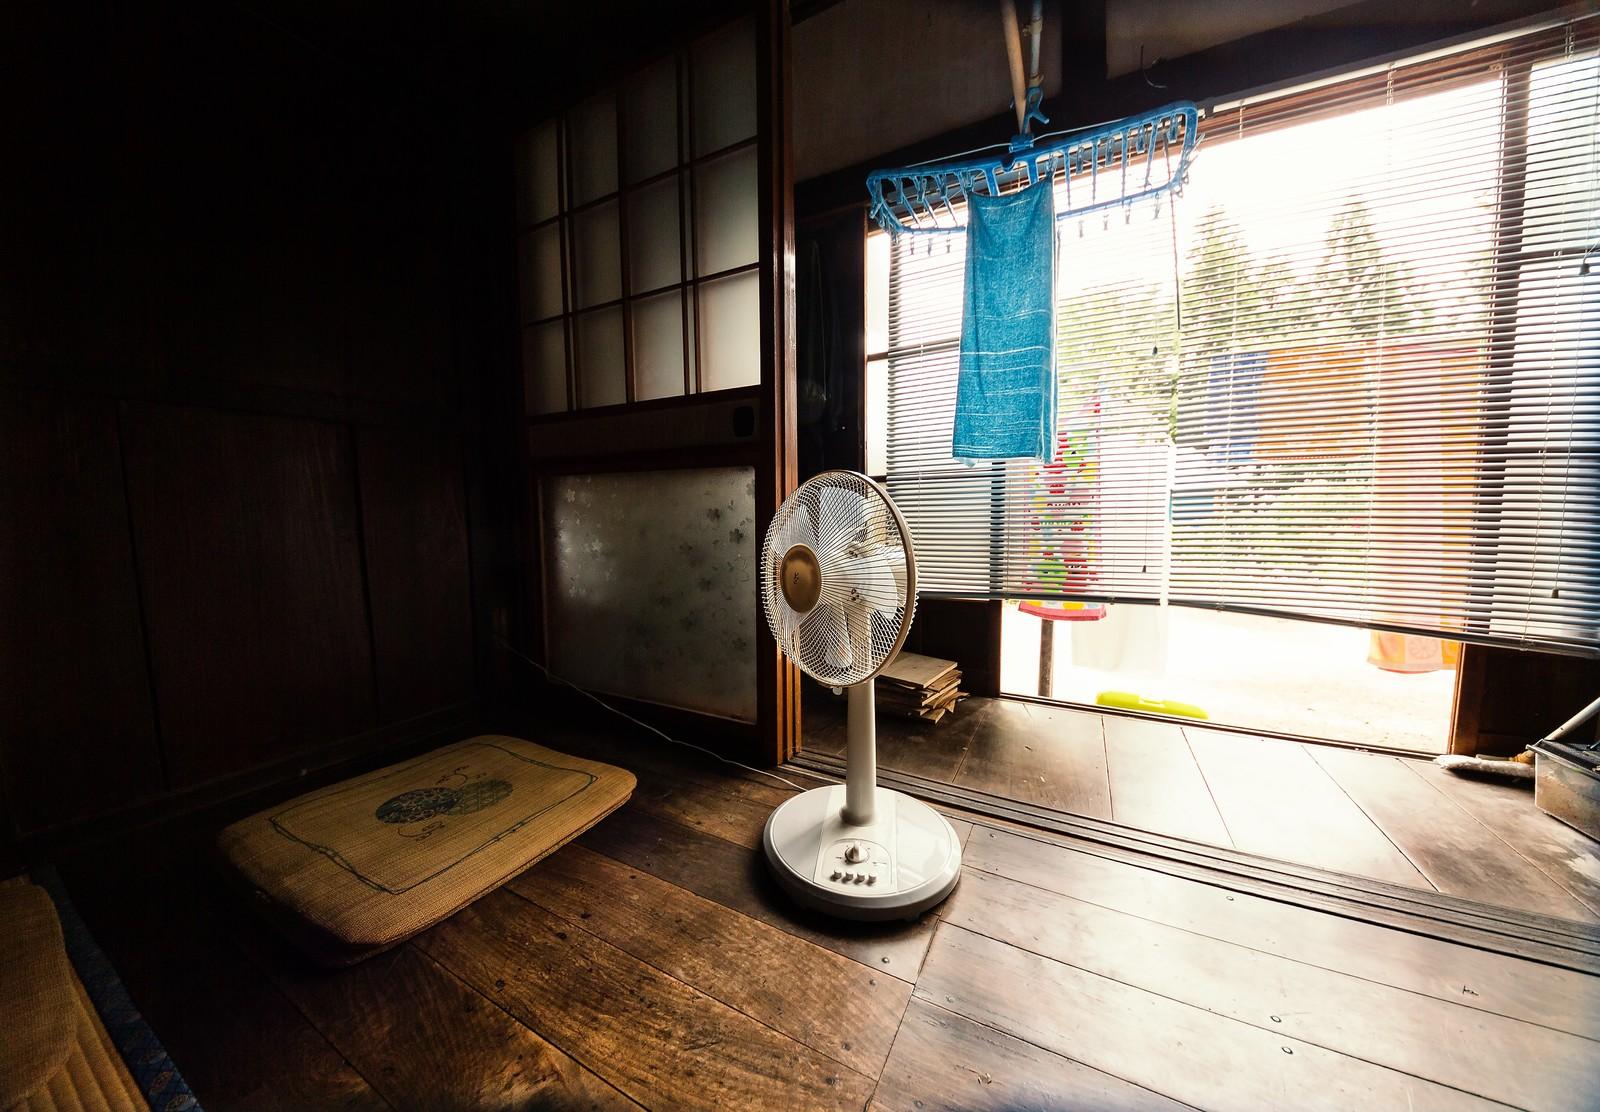 冷風扇とミストファンはどちらが涼しいのか?